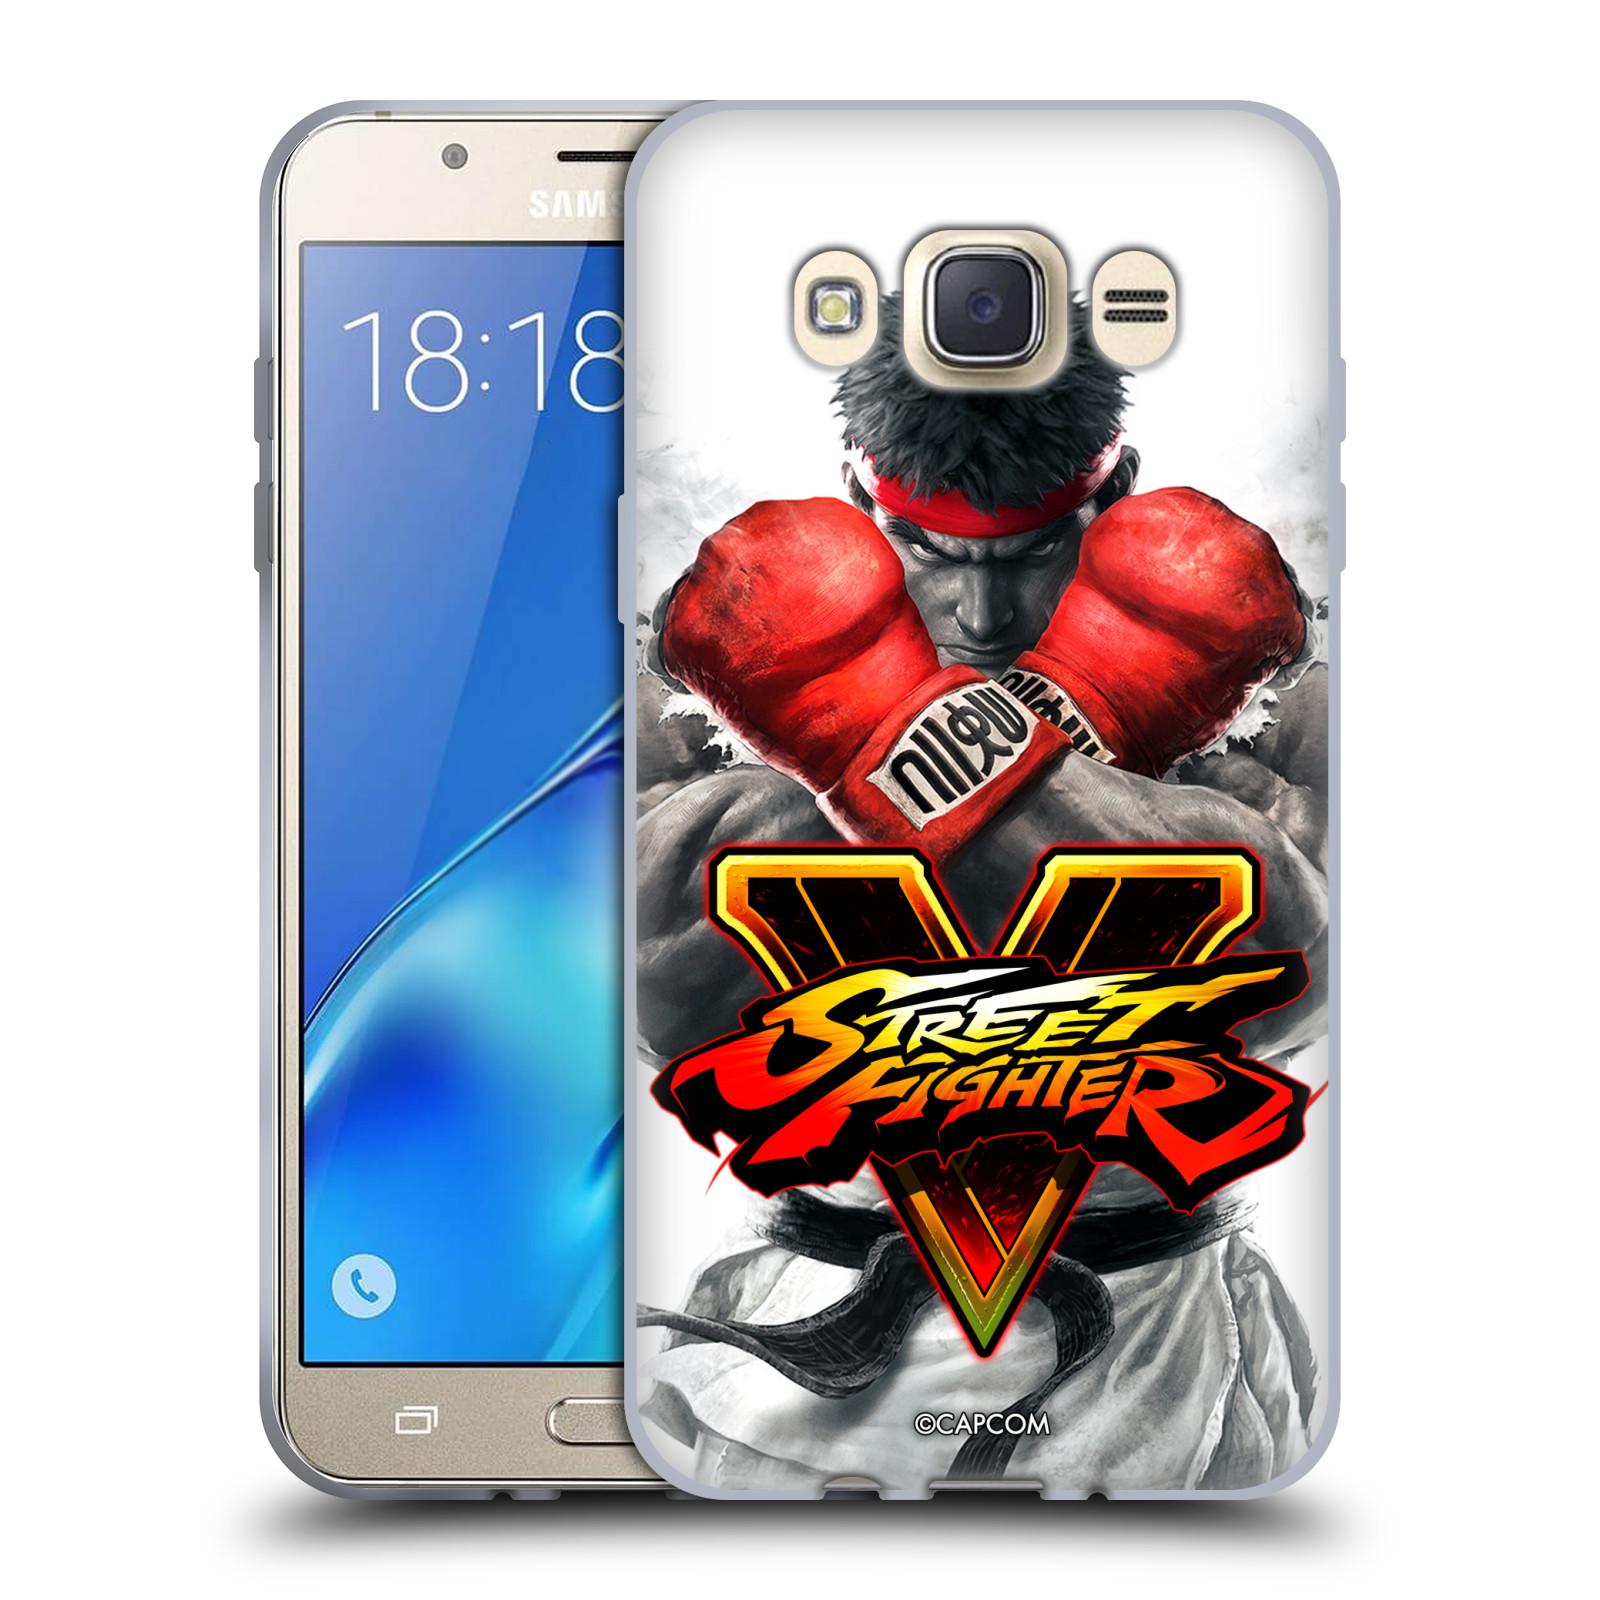 HEAD CASE silikonový obal na mobil Samsung Galaxy J7 2016 oficiální kryt STREET FIGHTER Boxer Ryu